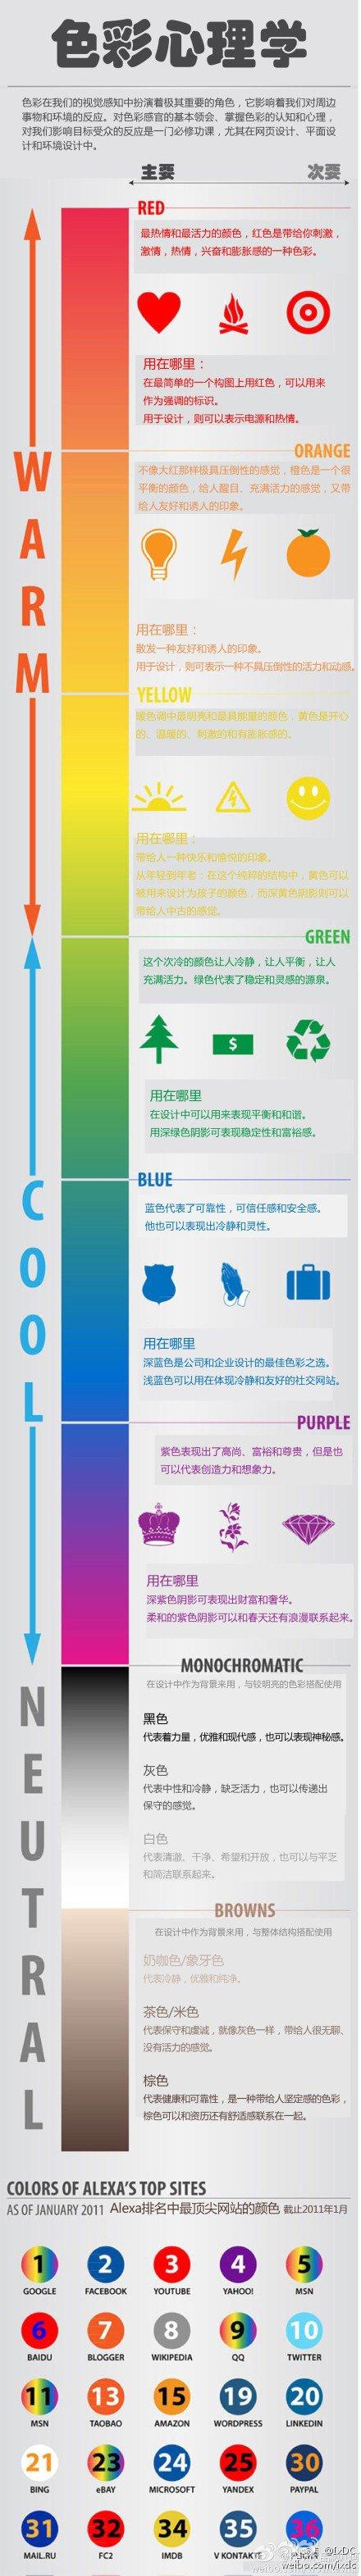 设计师需要知道的10张信息图